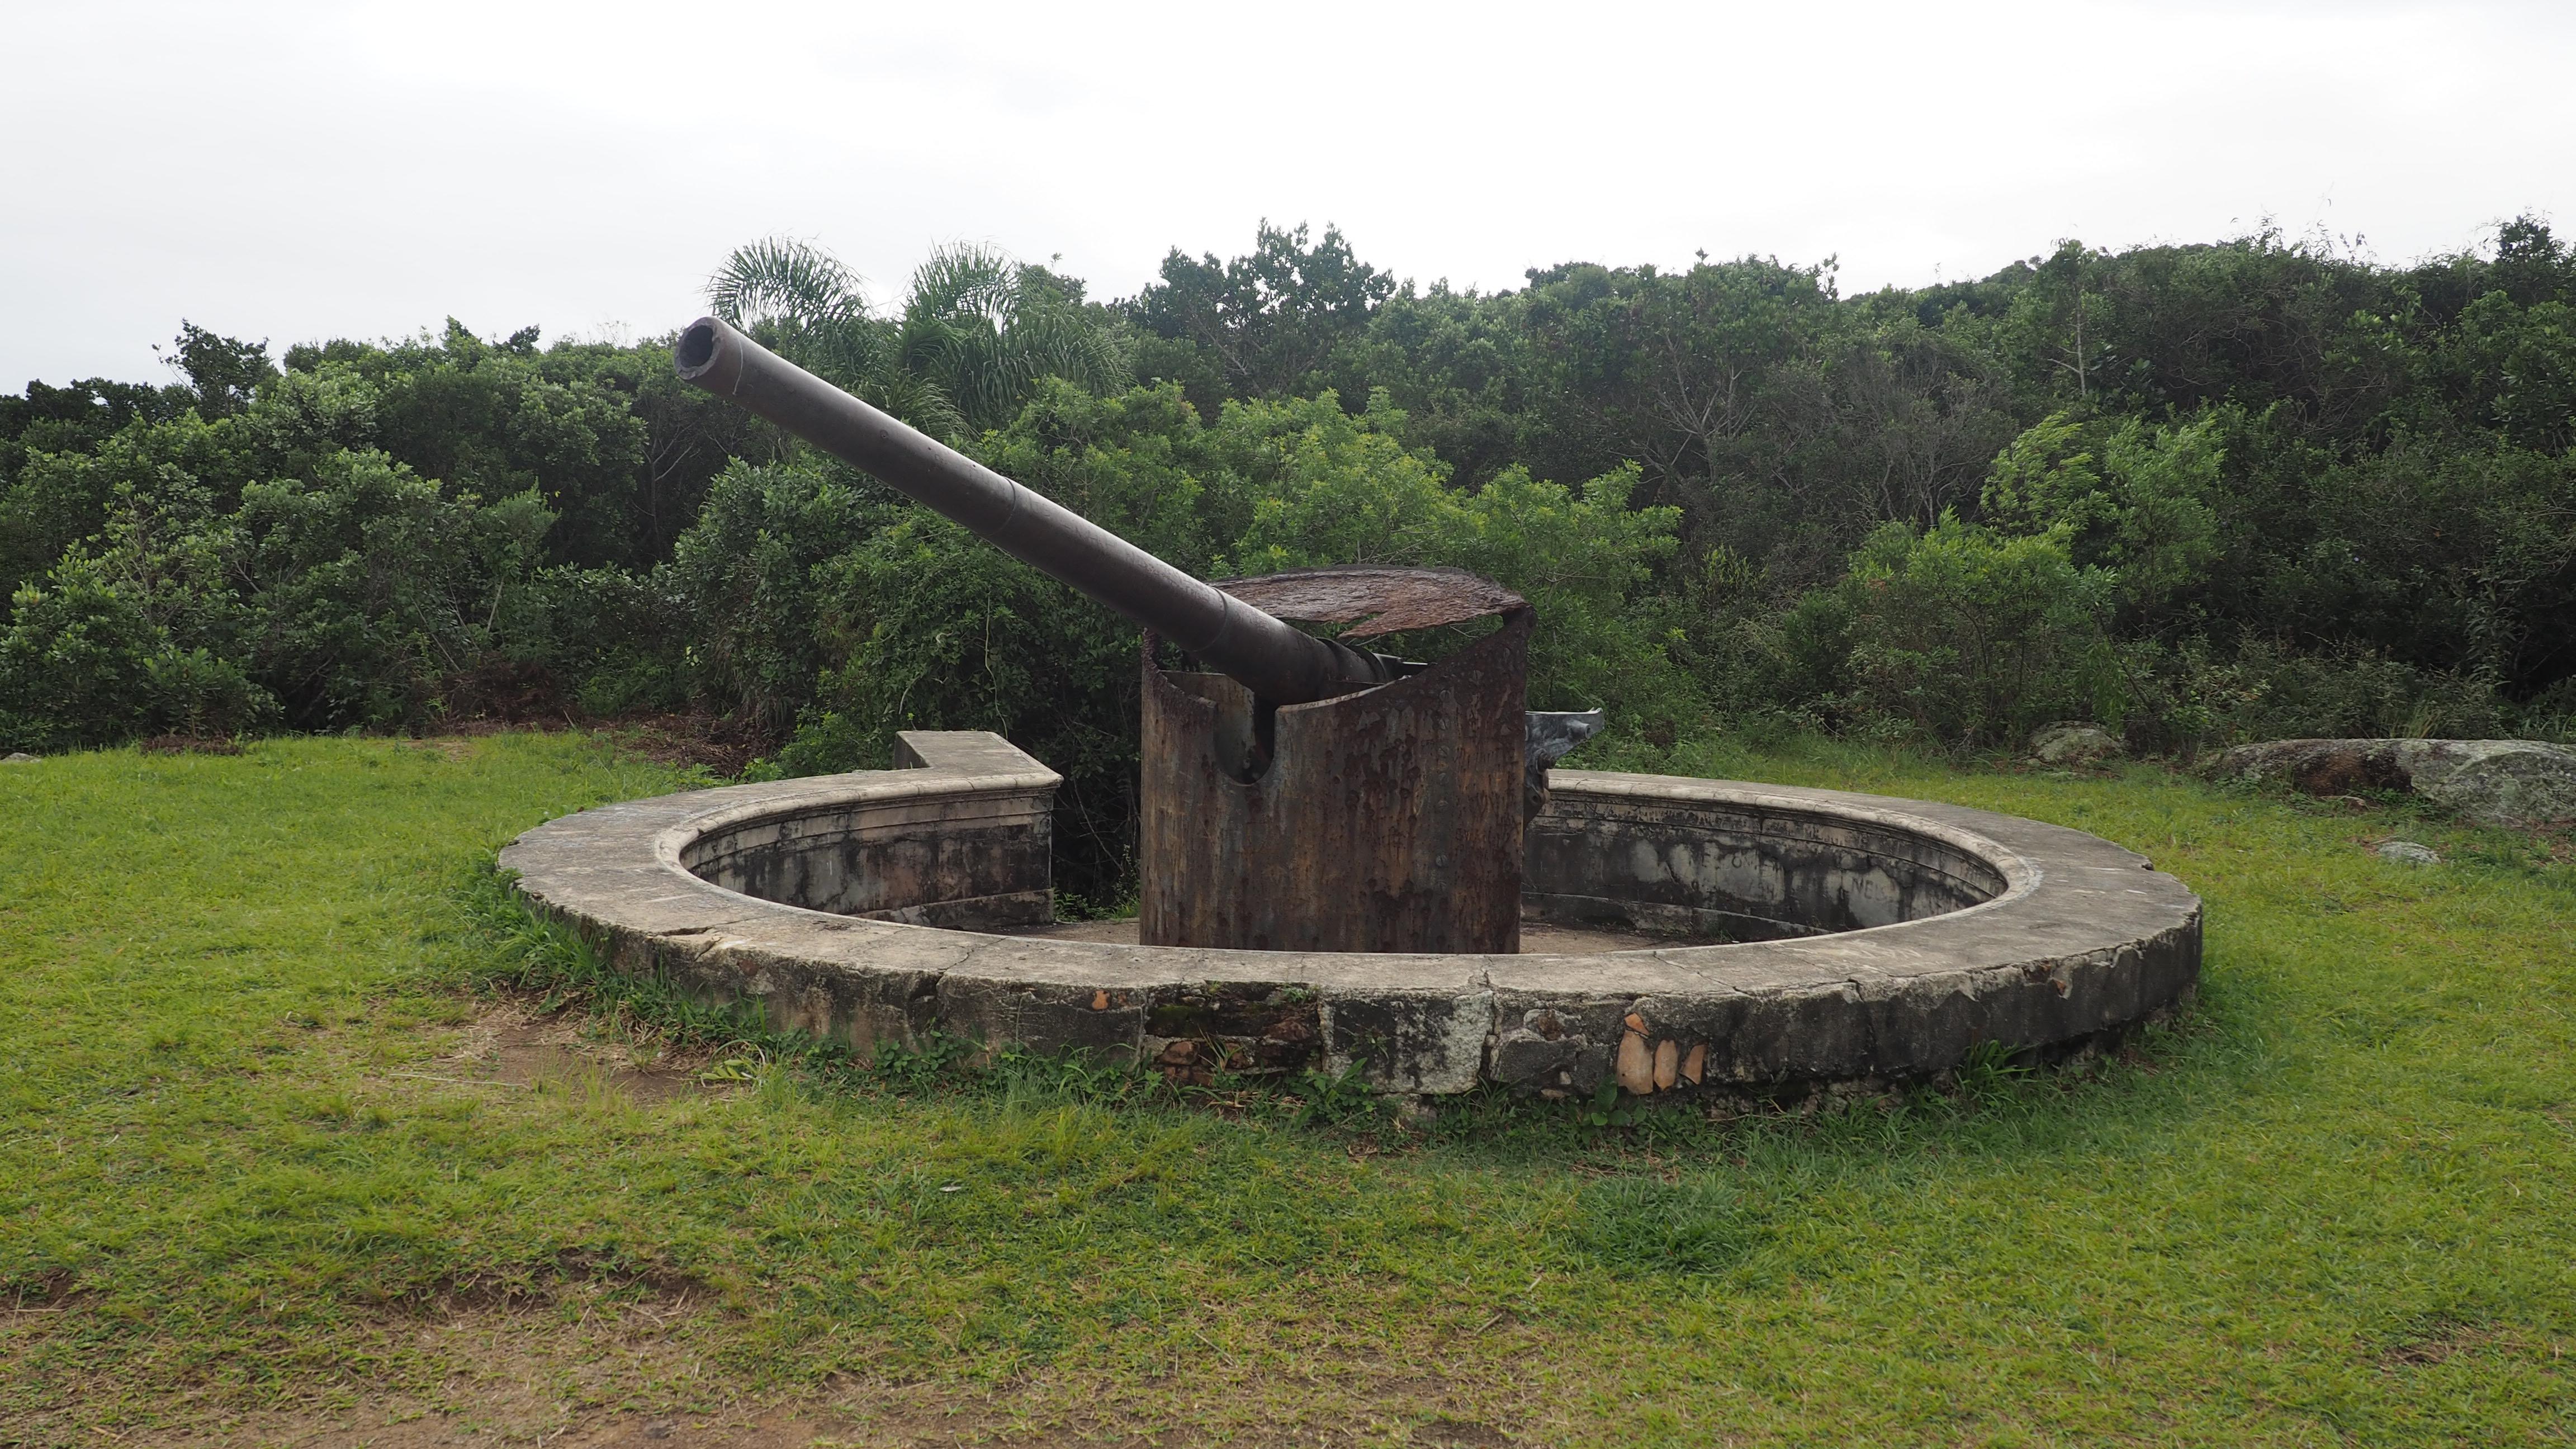 Cañones de la Playa de los Náufragos, los 3 cañones están conectados con un búnker mediante una trinchera. Es una de las cosas que ver en la Playa de los Náufragos.